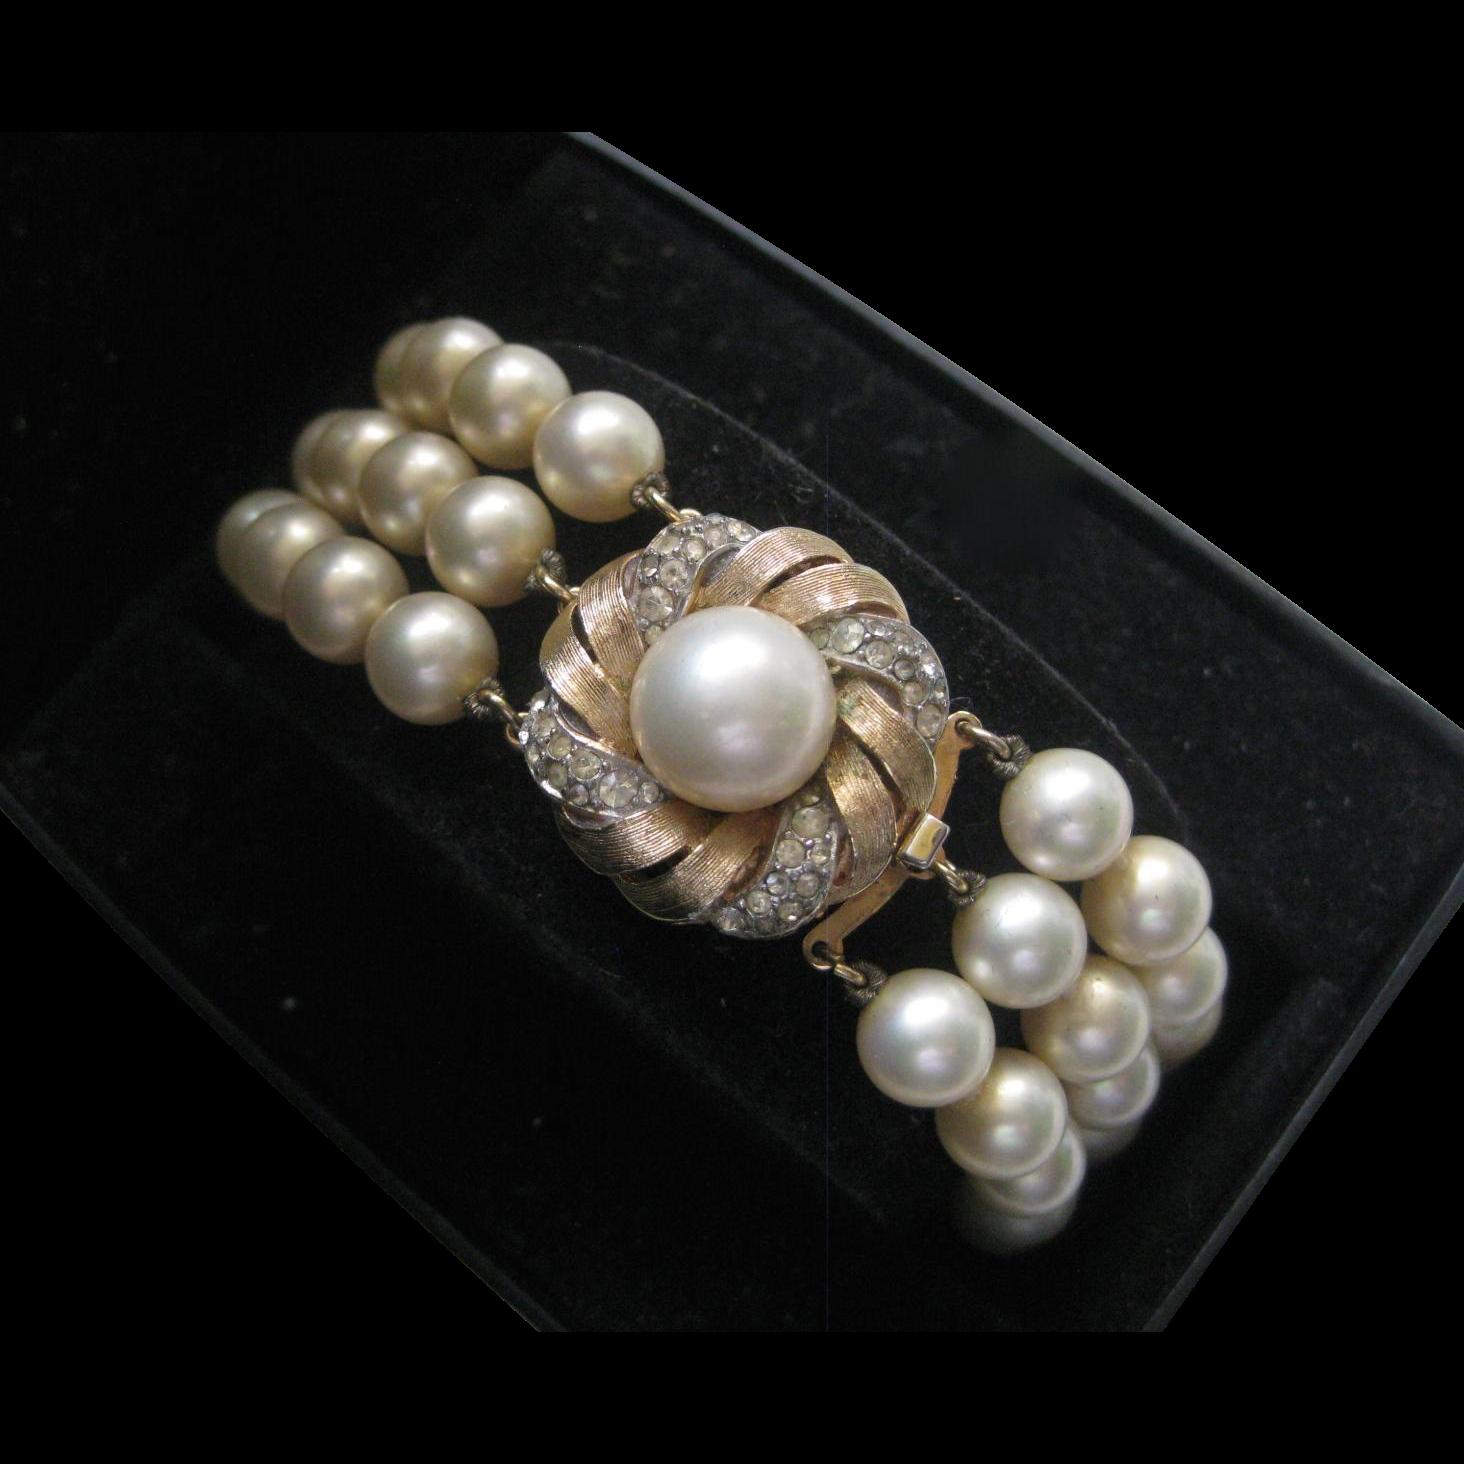 CINER Glass Pearls & Rhinestones Vintage Bracelet